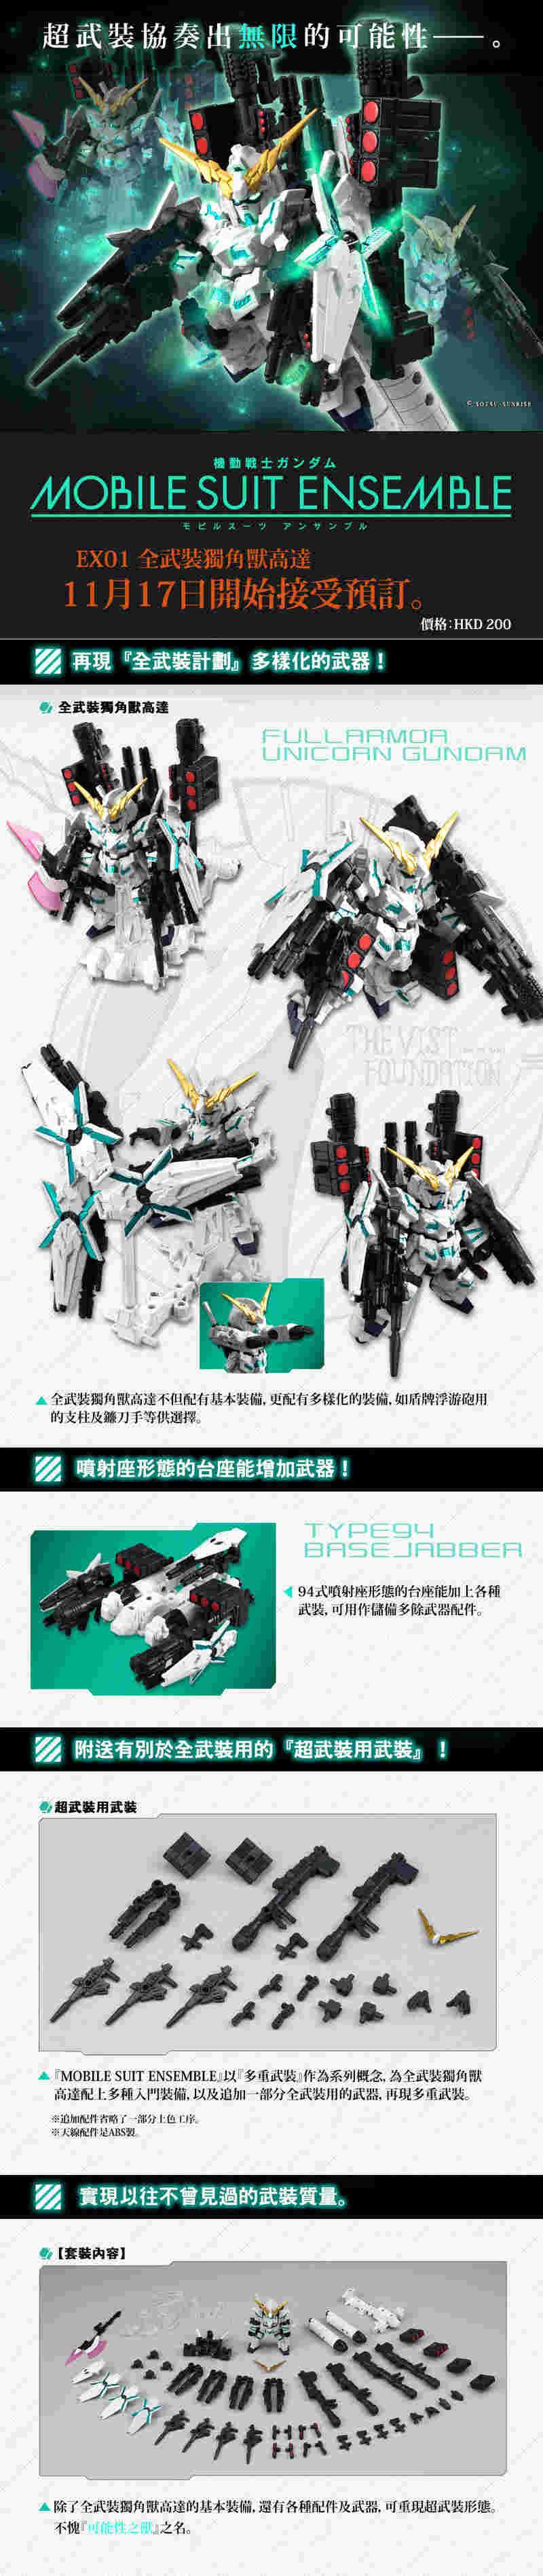 SD Gundam 0923_e10